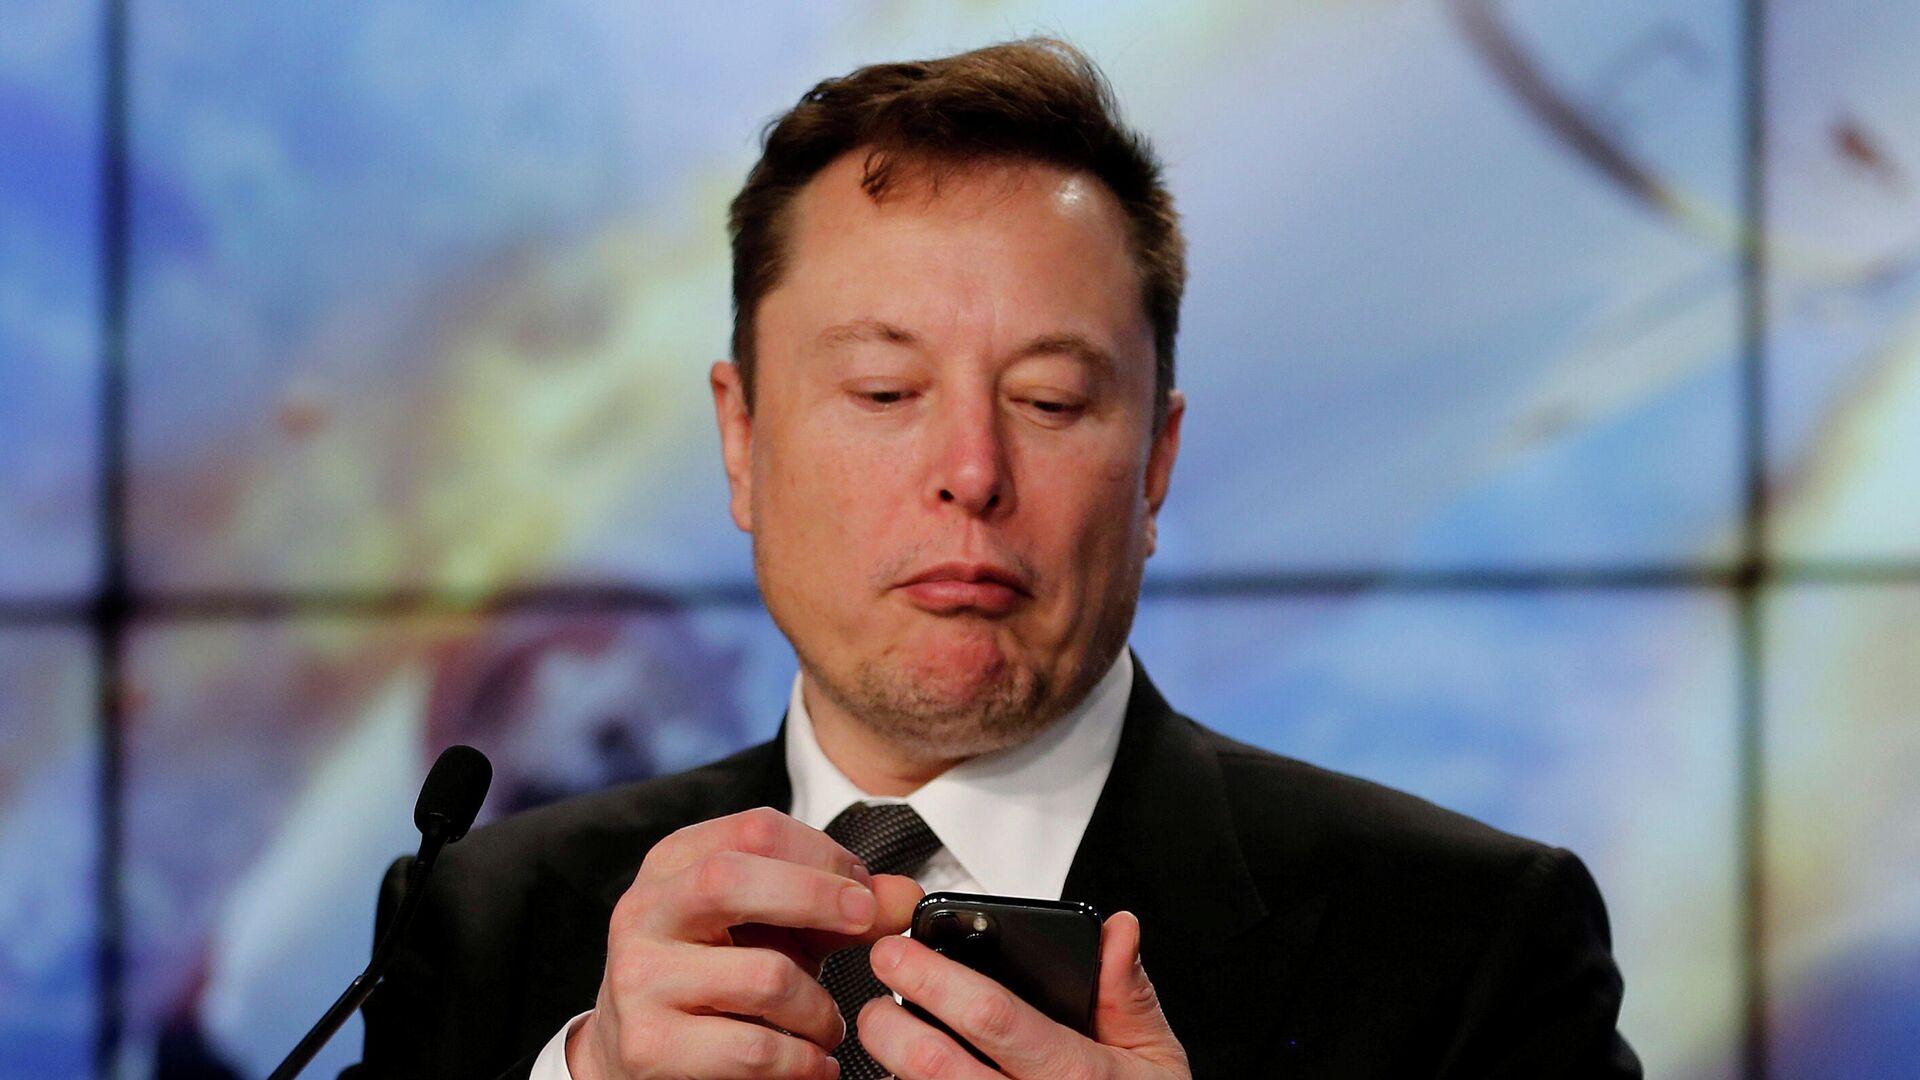 Elon Musk con su teléfono - Sputnik Mundo, 1920, 18.02.2021